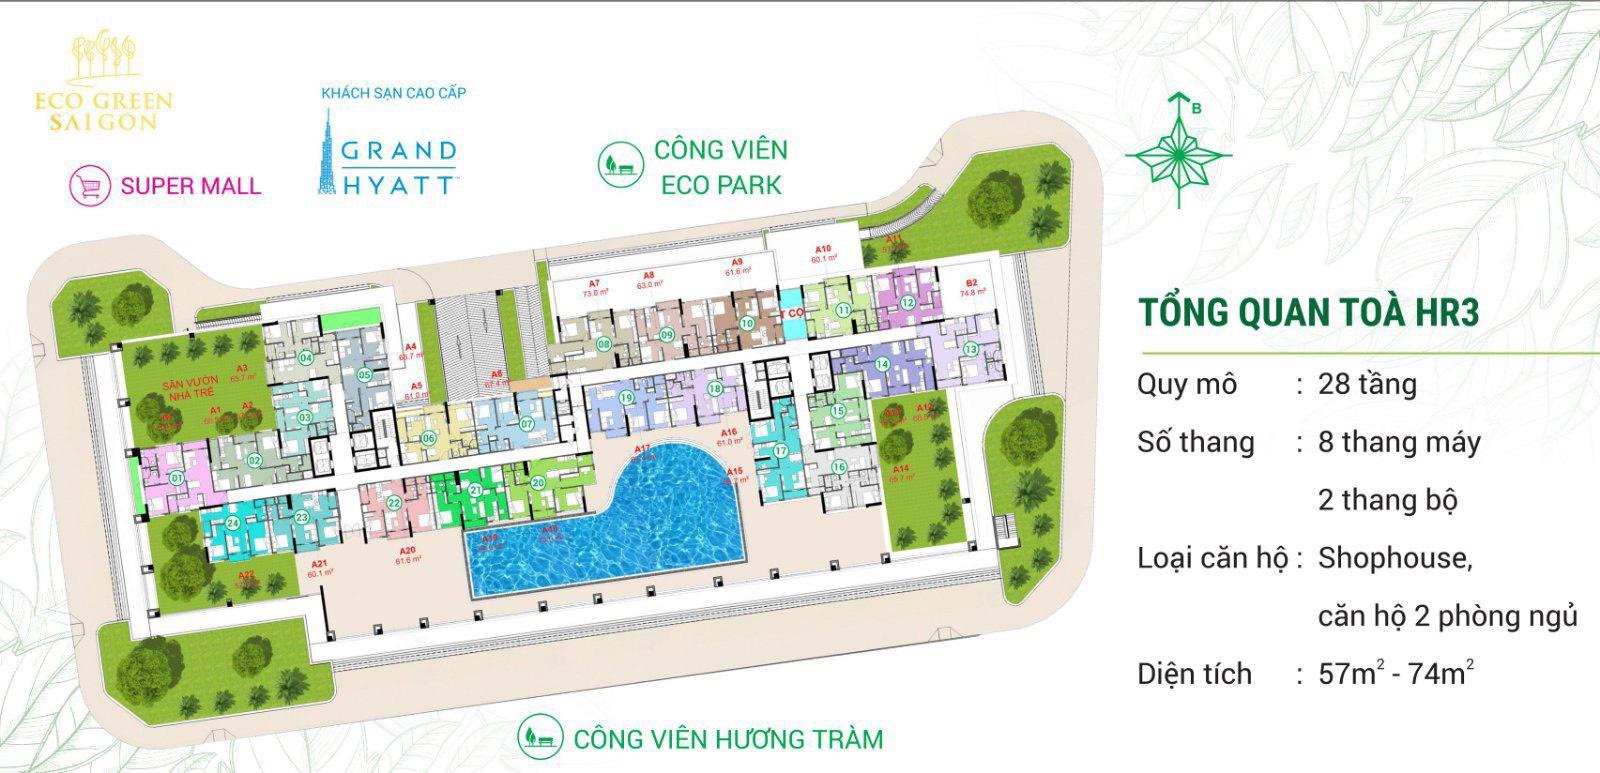 mat-bang-can-ho-hr3-eco-green